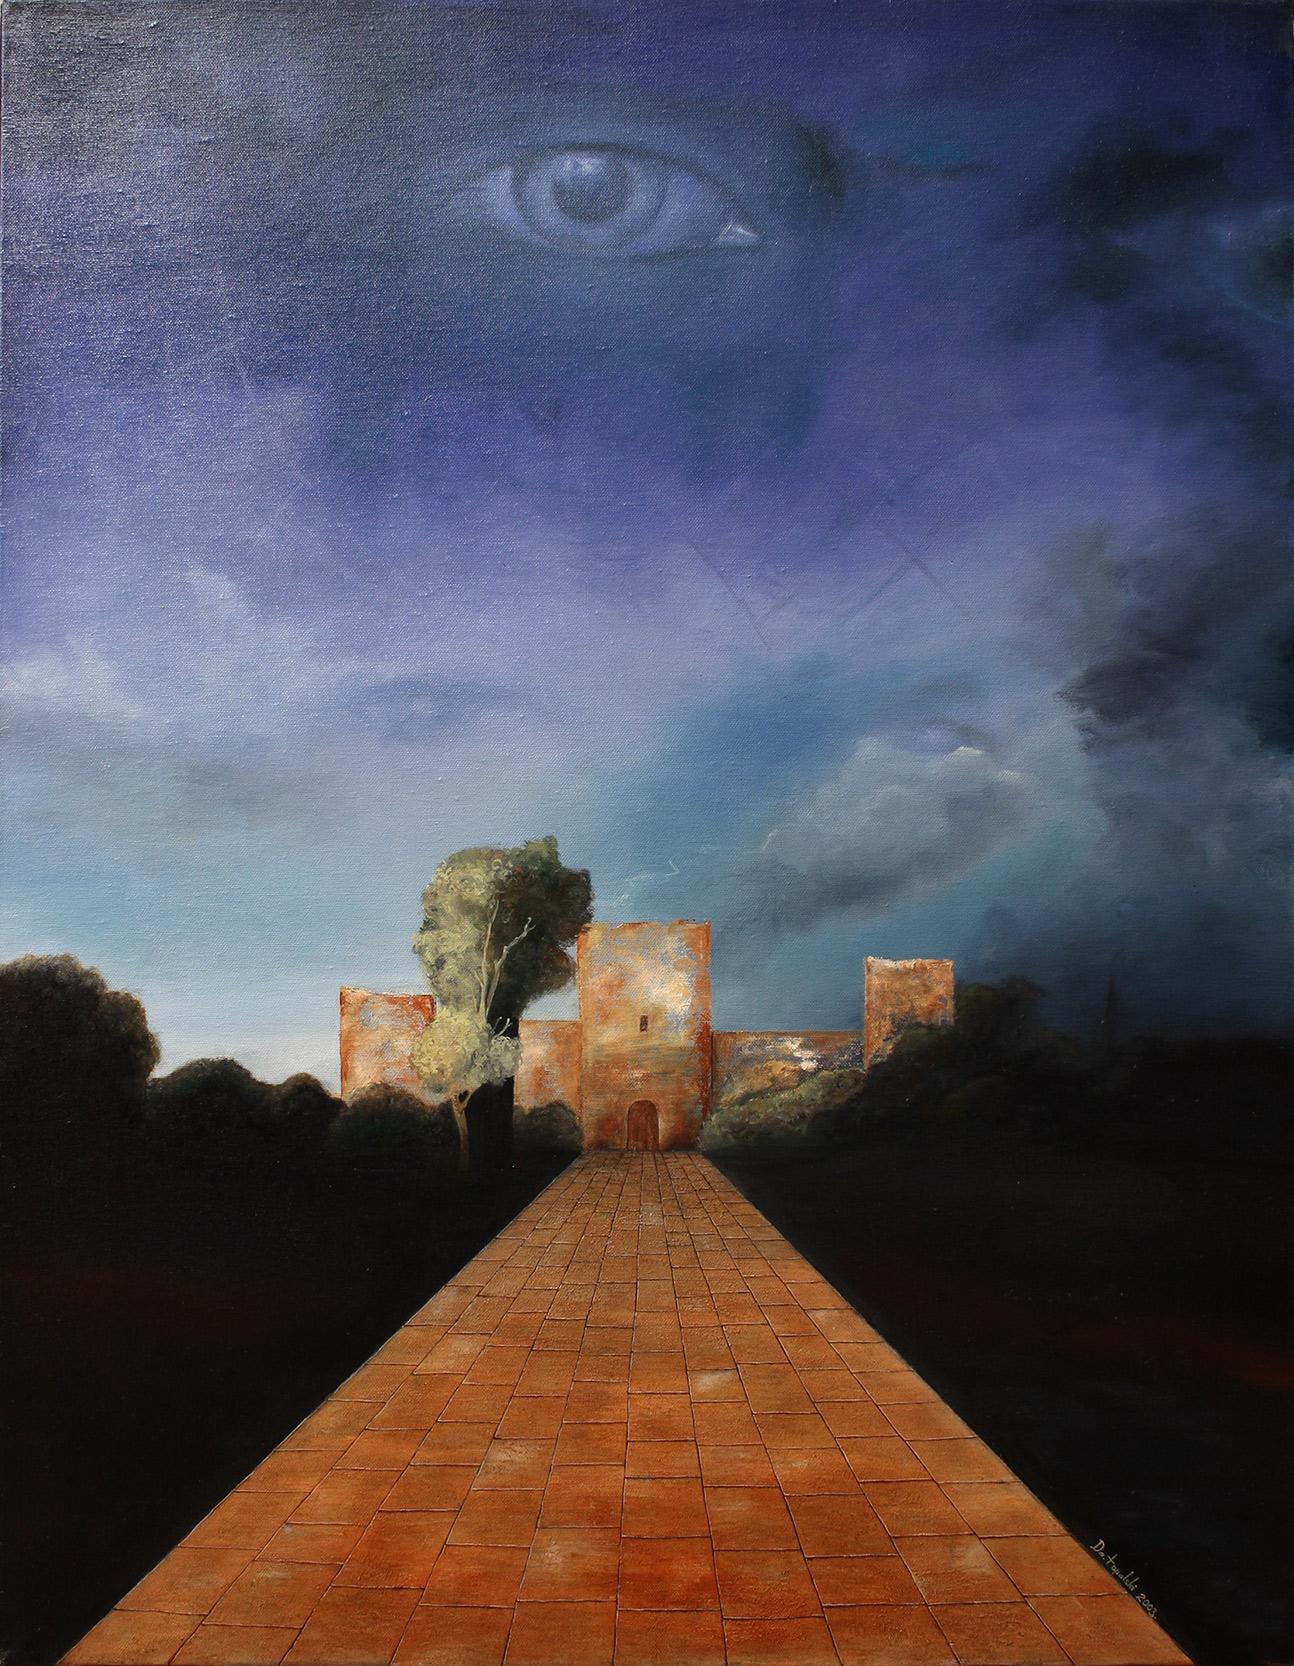 Umetnička Slika - Razotkrivanje Skrivenog - 90x70cm, 2003. Ulje na platnu umetnik Darko Topalski